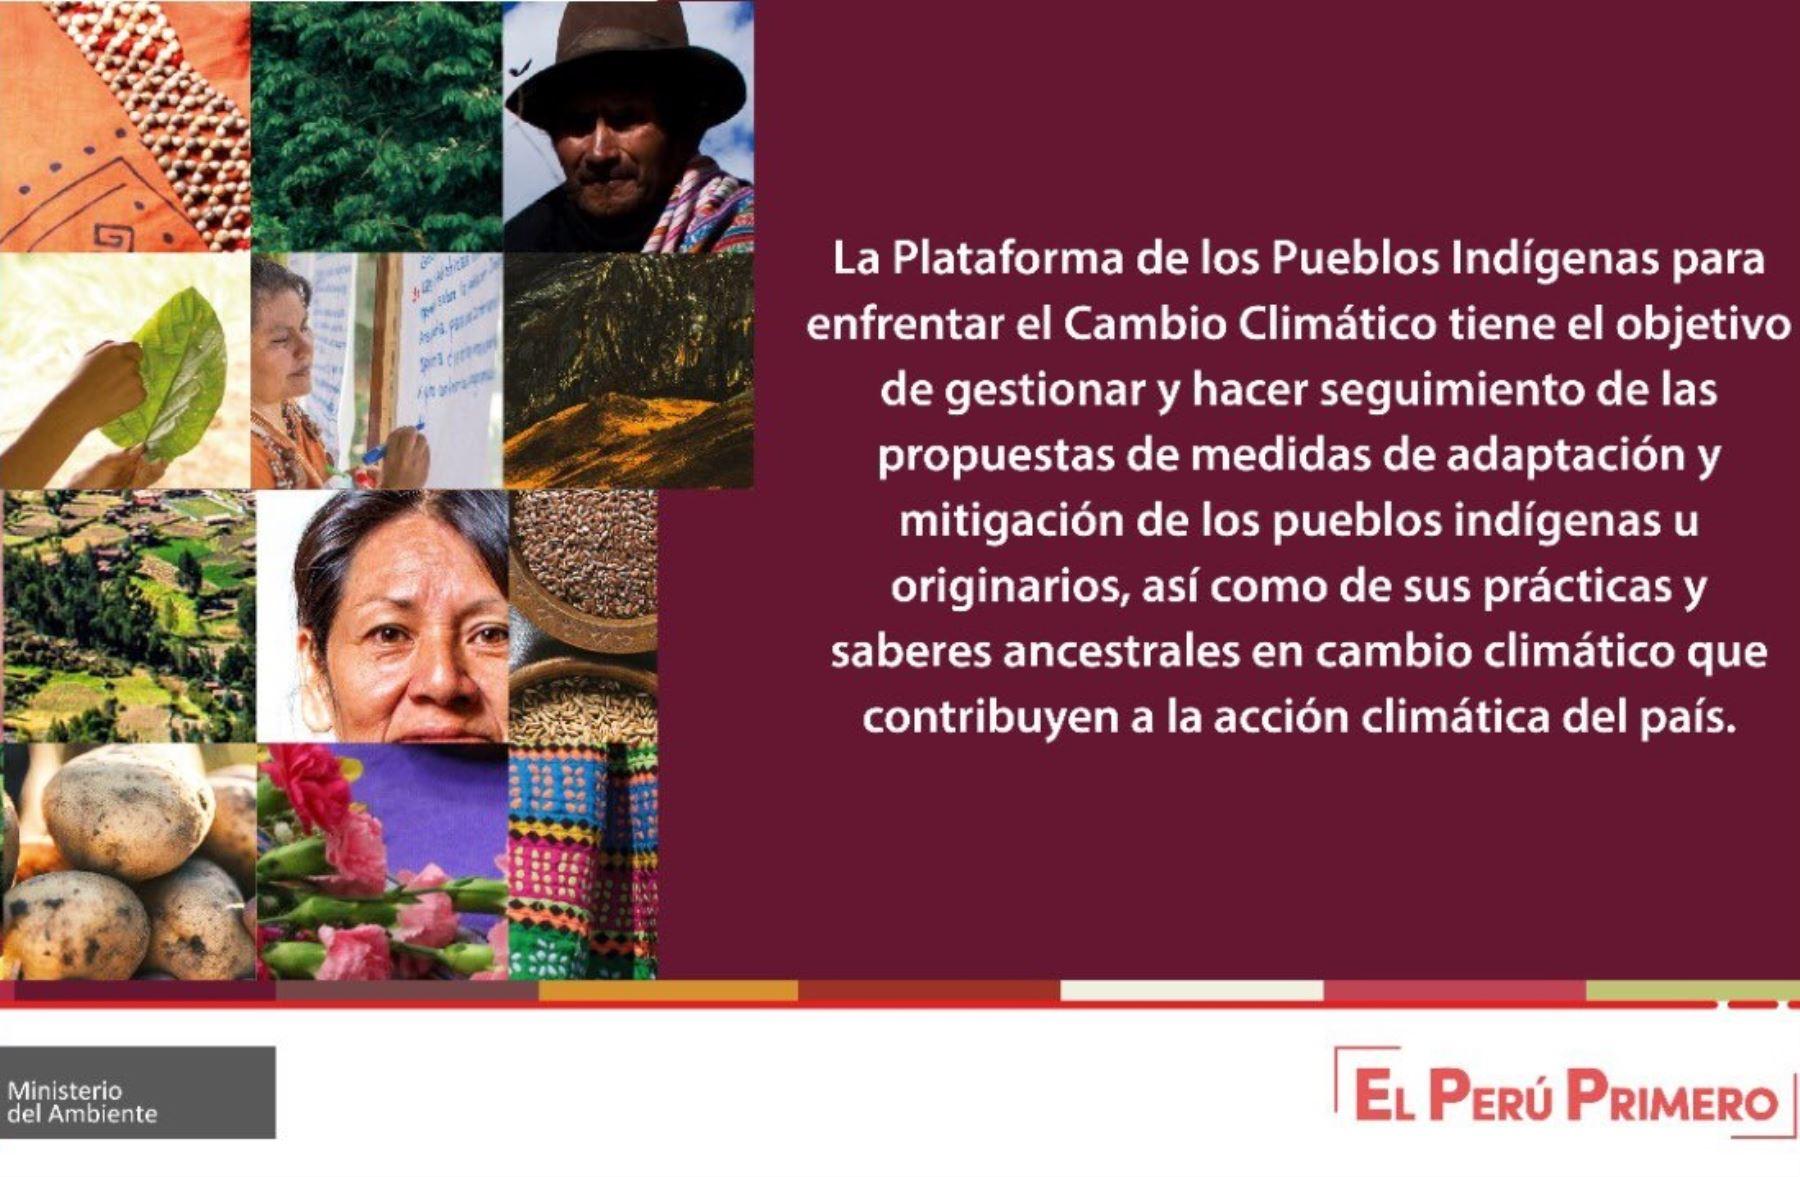 Ejecutivo instaló la Plataforma de los Pueblos Indígenas para enfrentar el Cambio Climático.